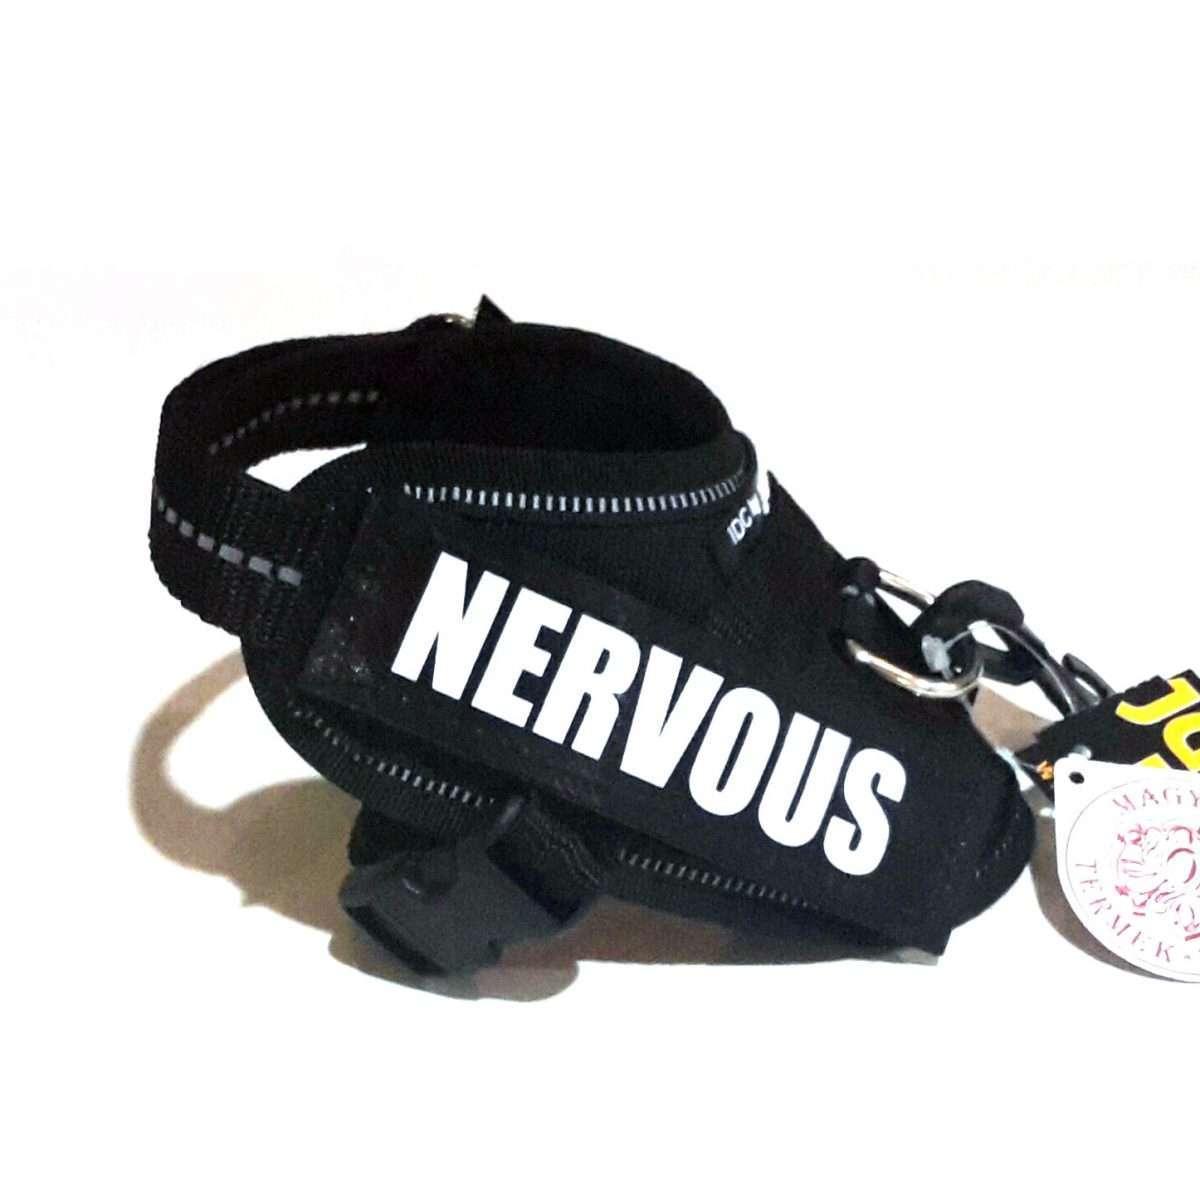 Nervous Custom Label for Julius-K9 Accessories